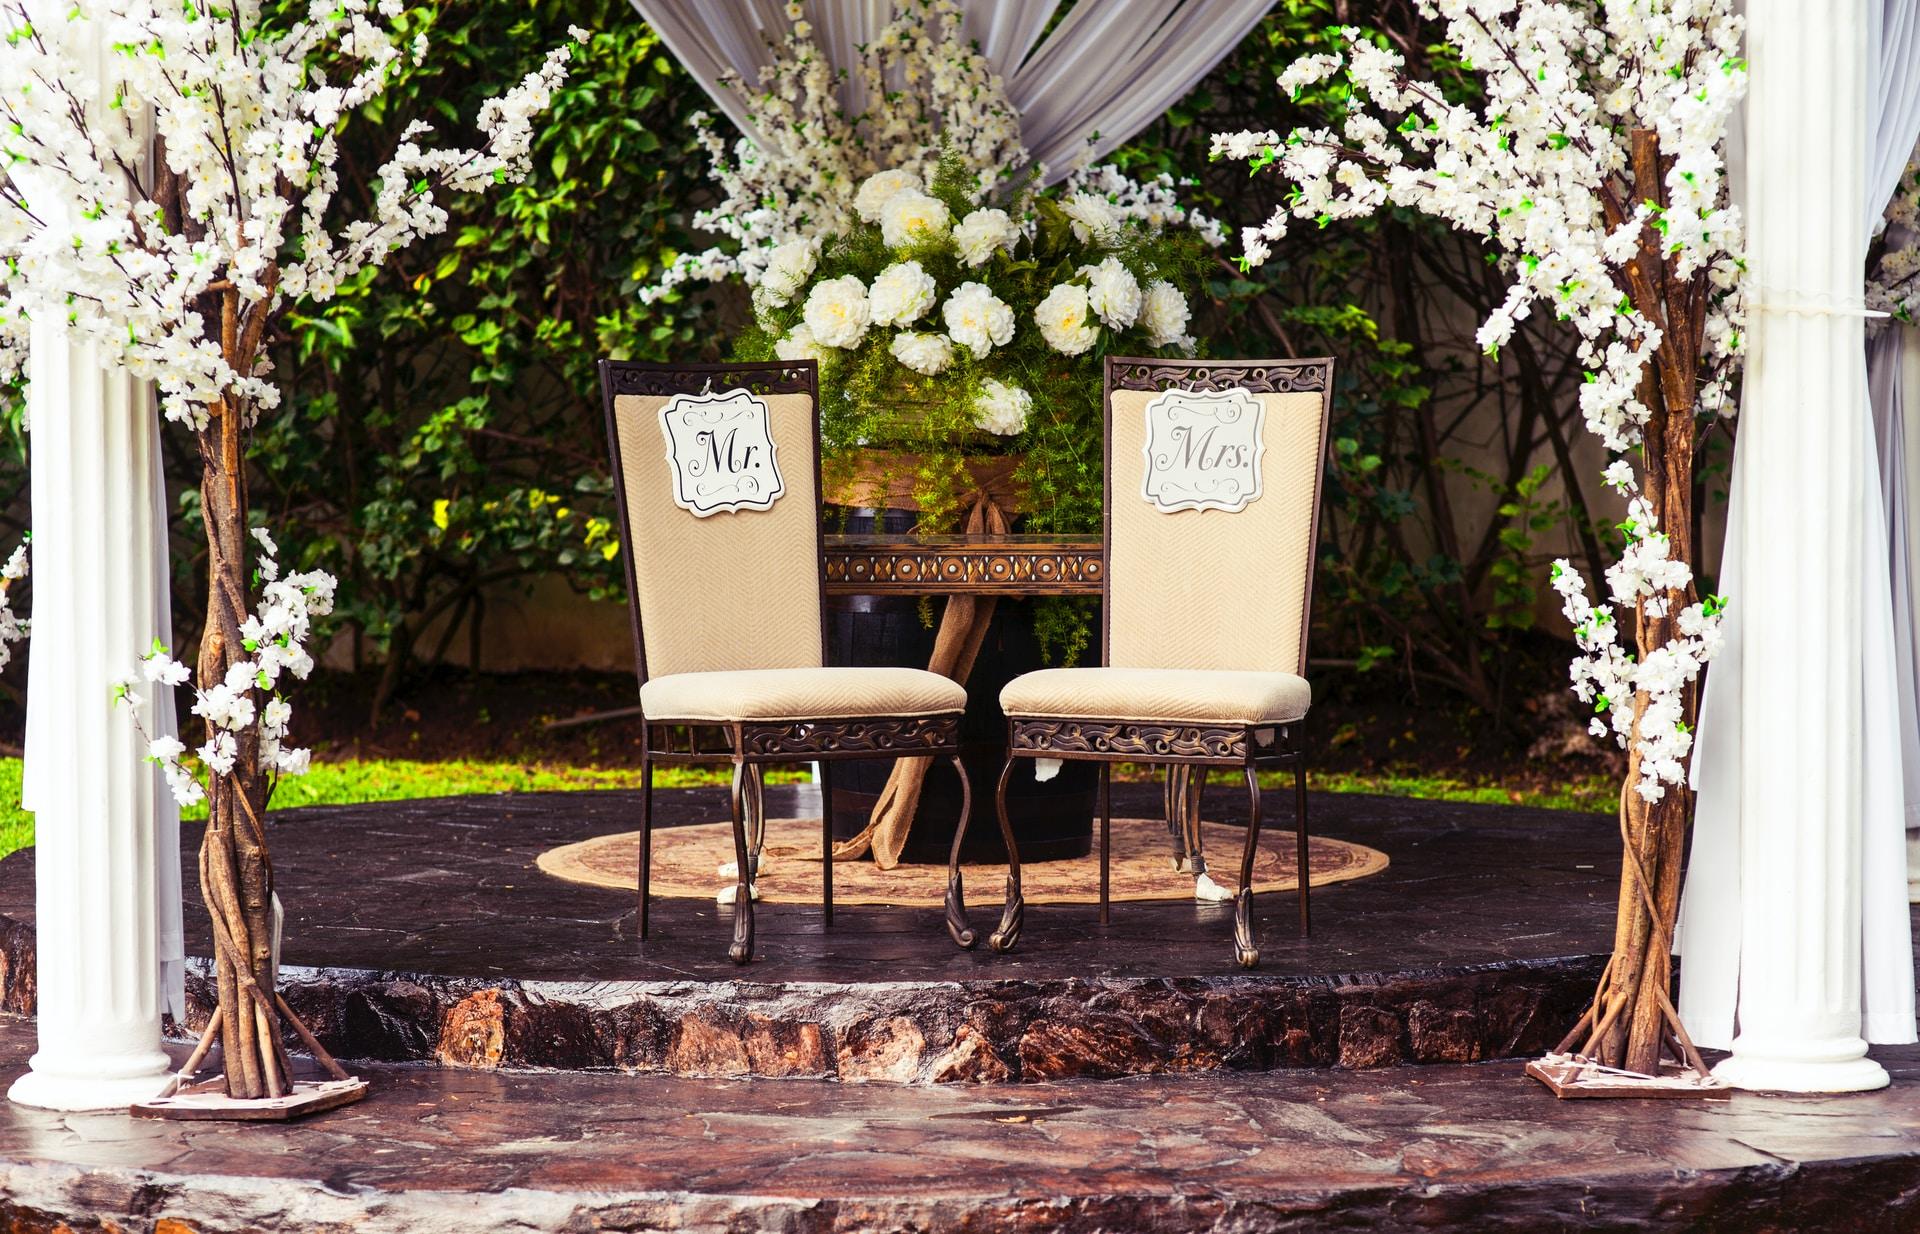 τι κάνει ένα γάμο τέλειο